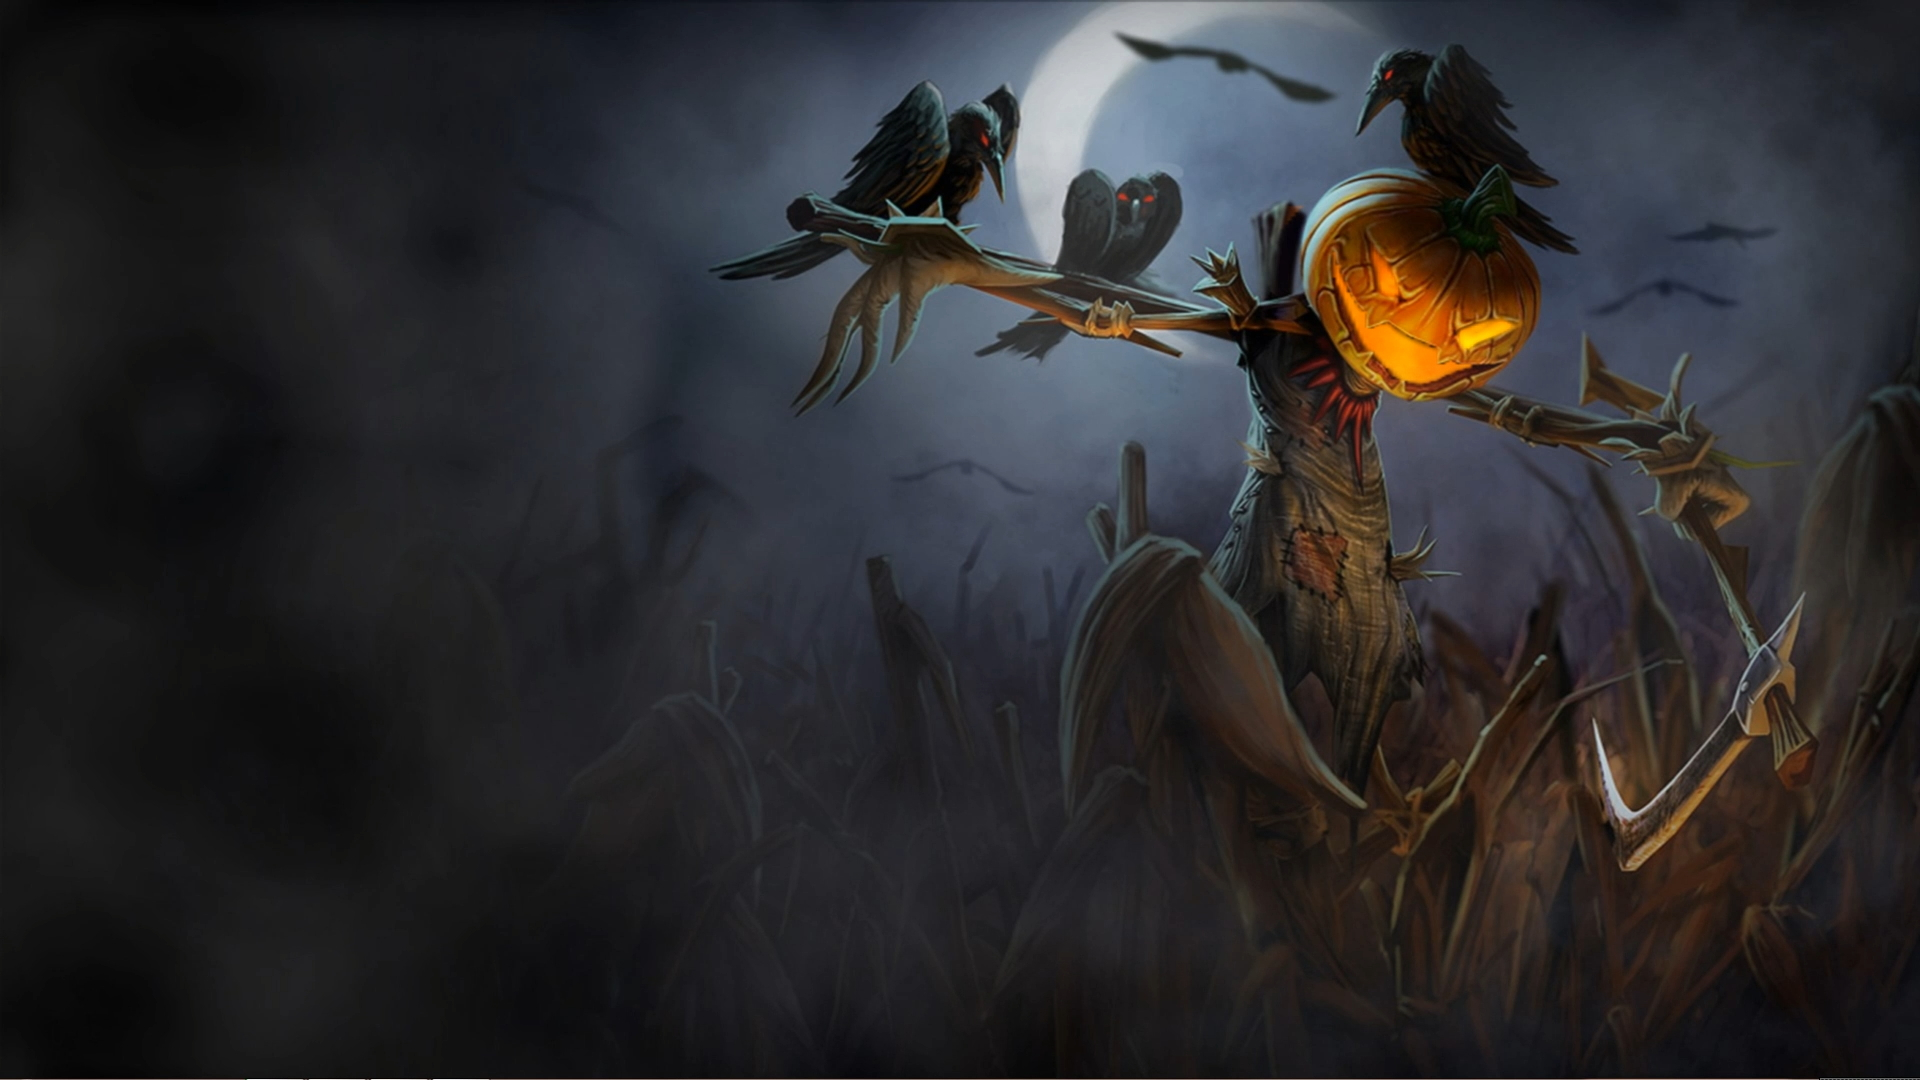 Хеллоуин пугало и вороны - живые обои